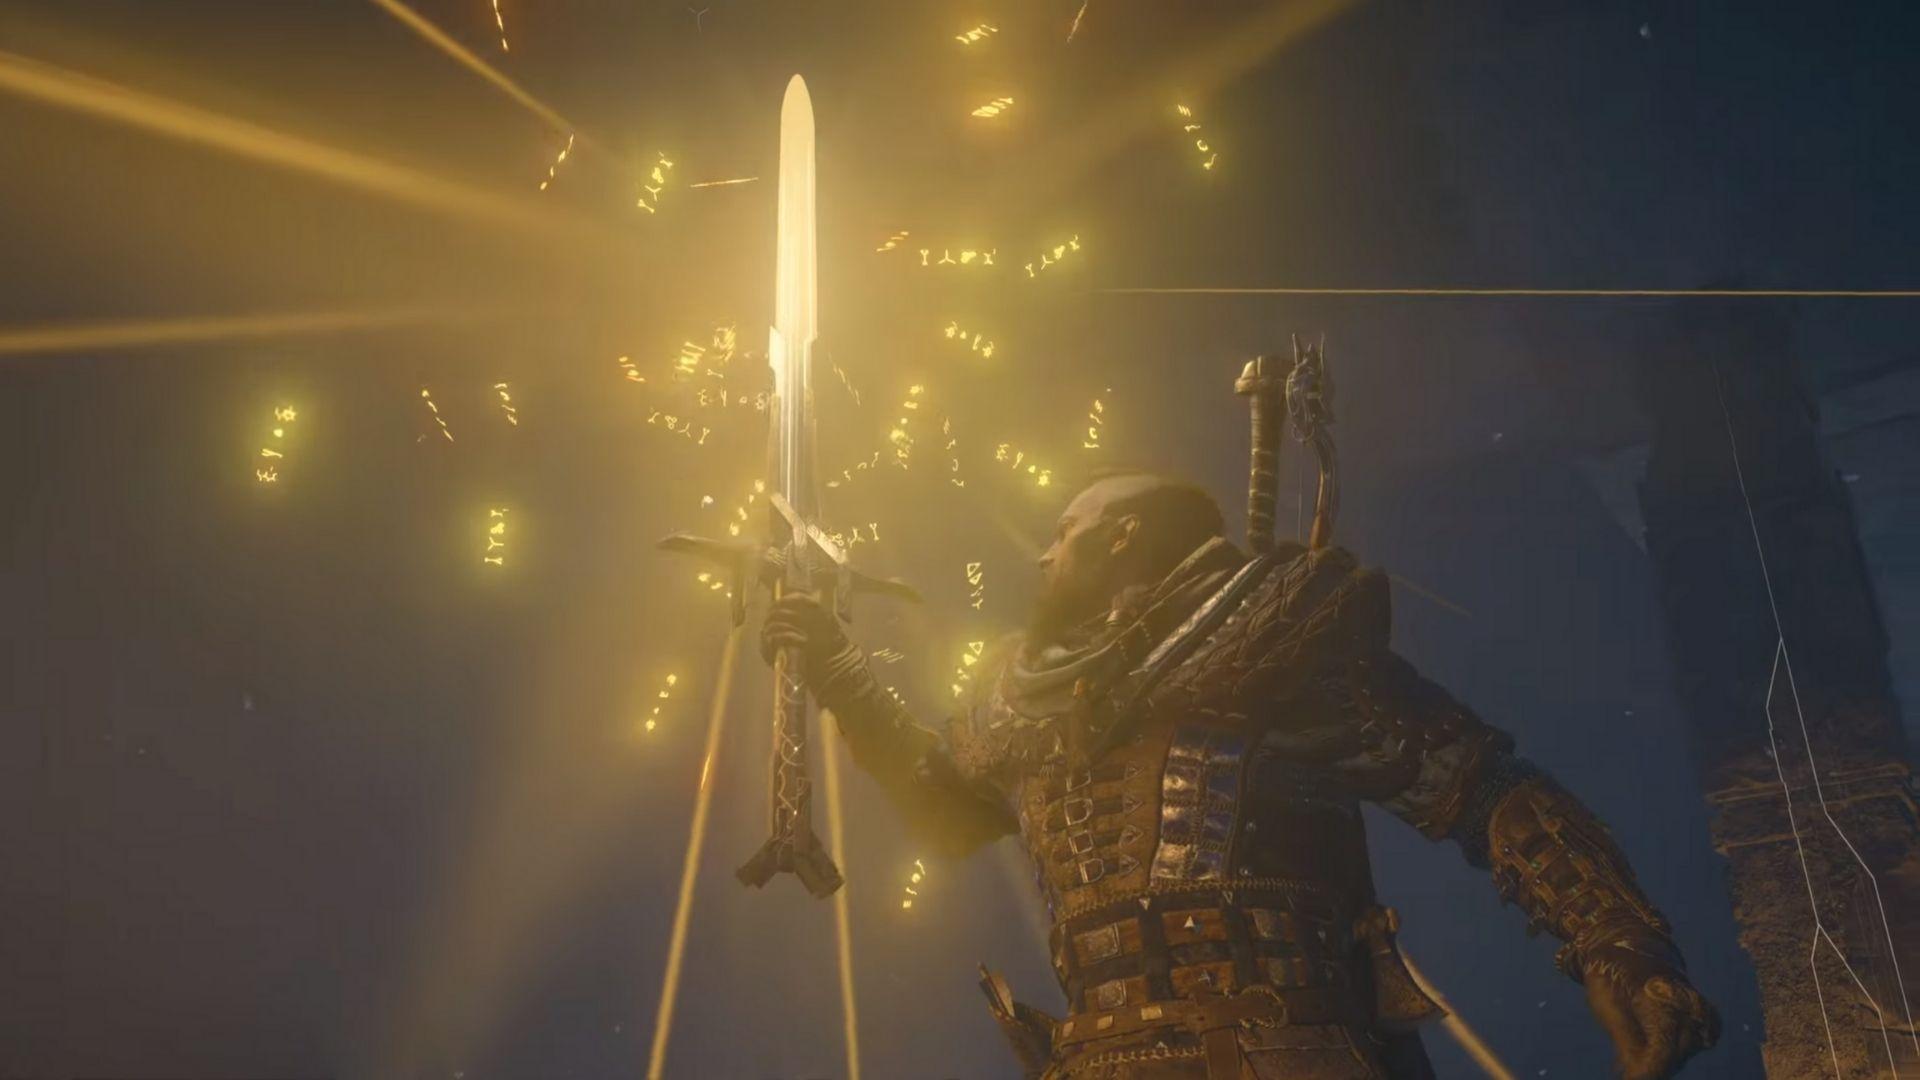 Excalibur Assassin's Creed Valhalla